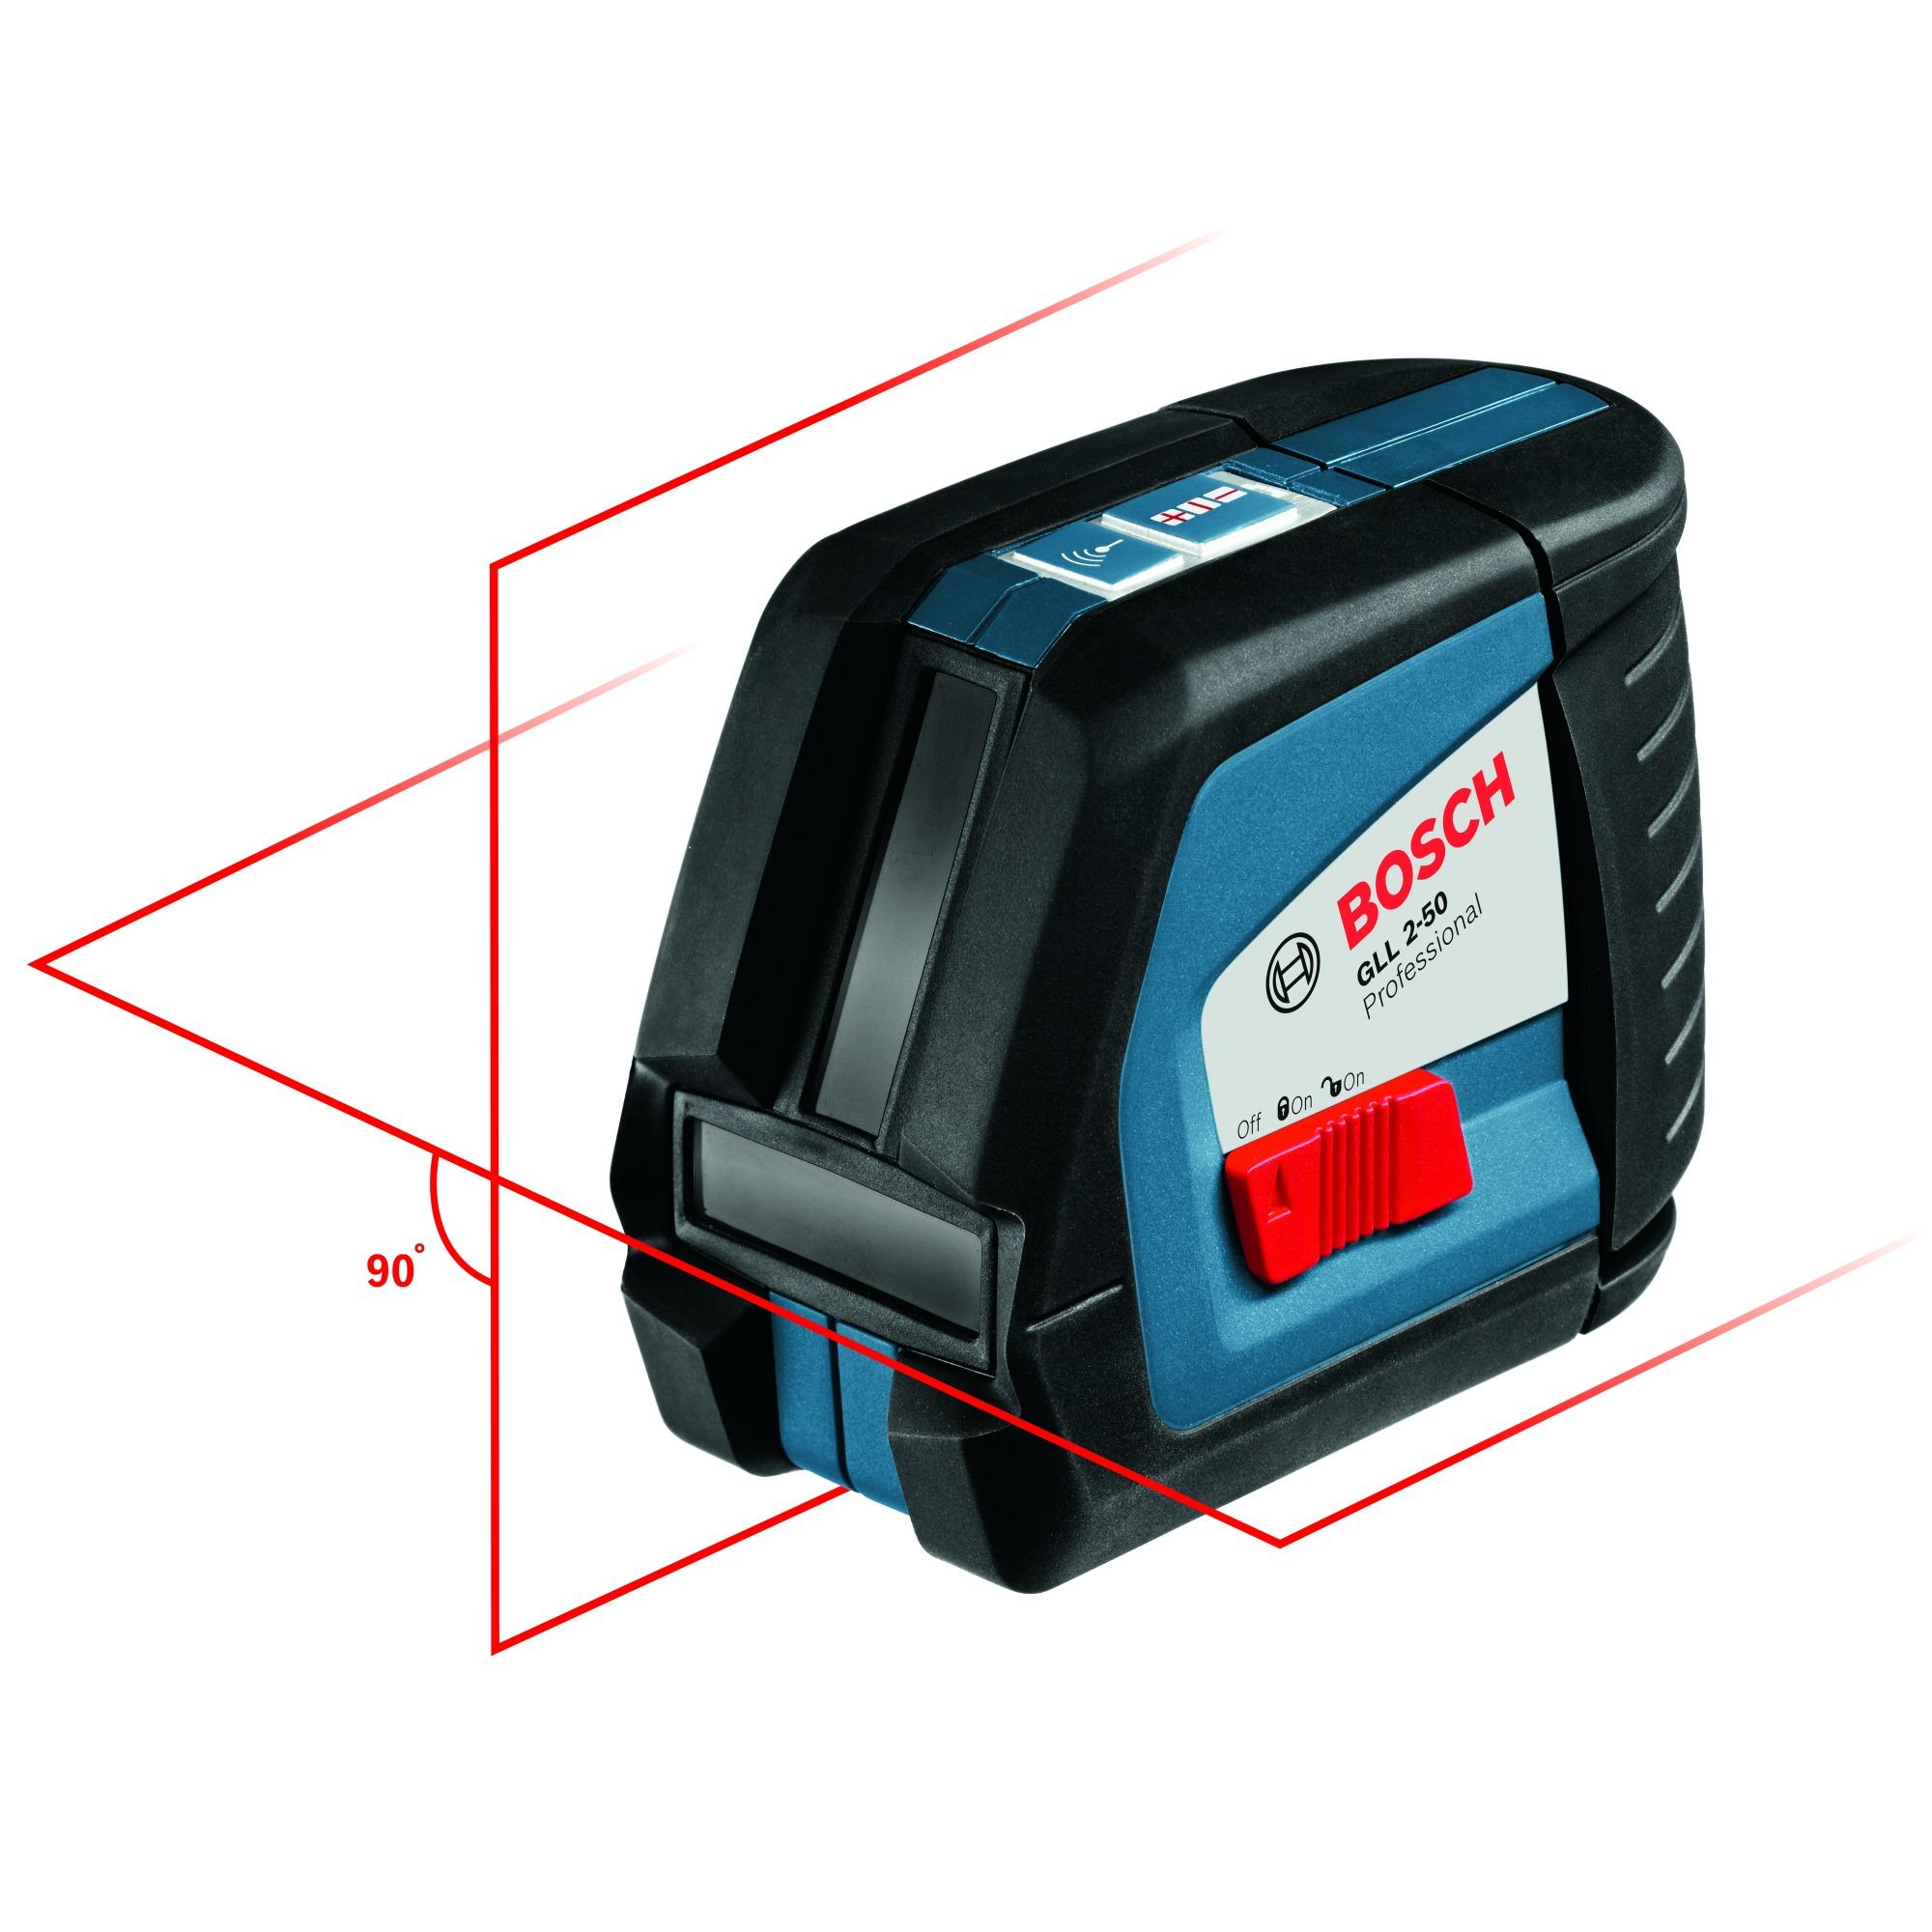 Kruislijnlaser GLL 2-50 P + statief met draaiwielkop BS 150 P Bosch 0601063105